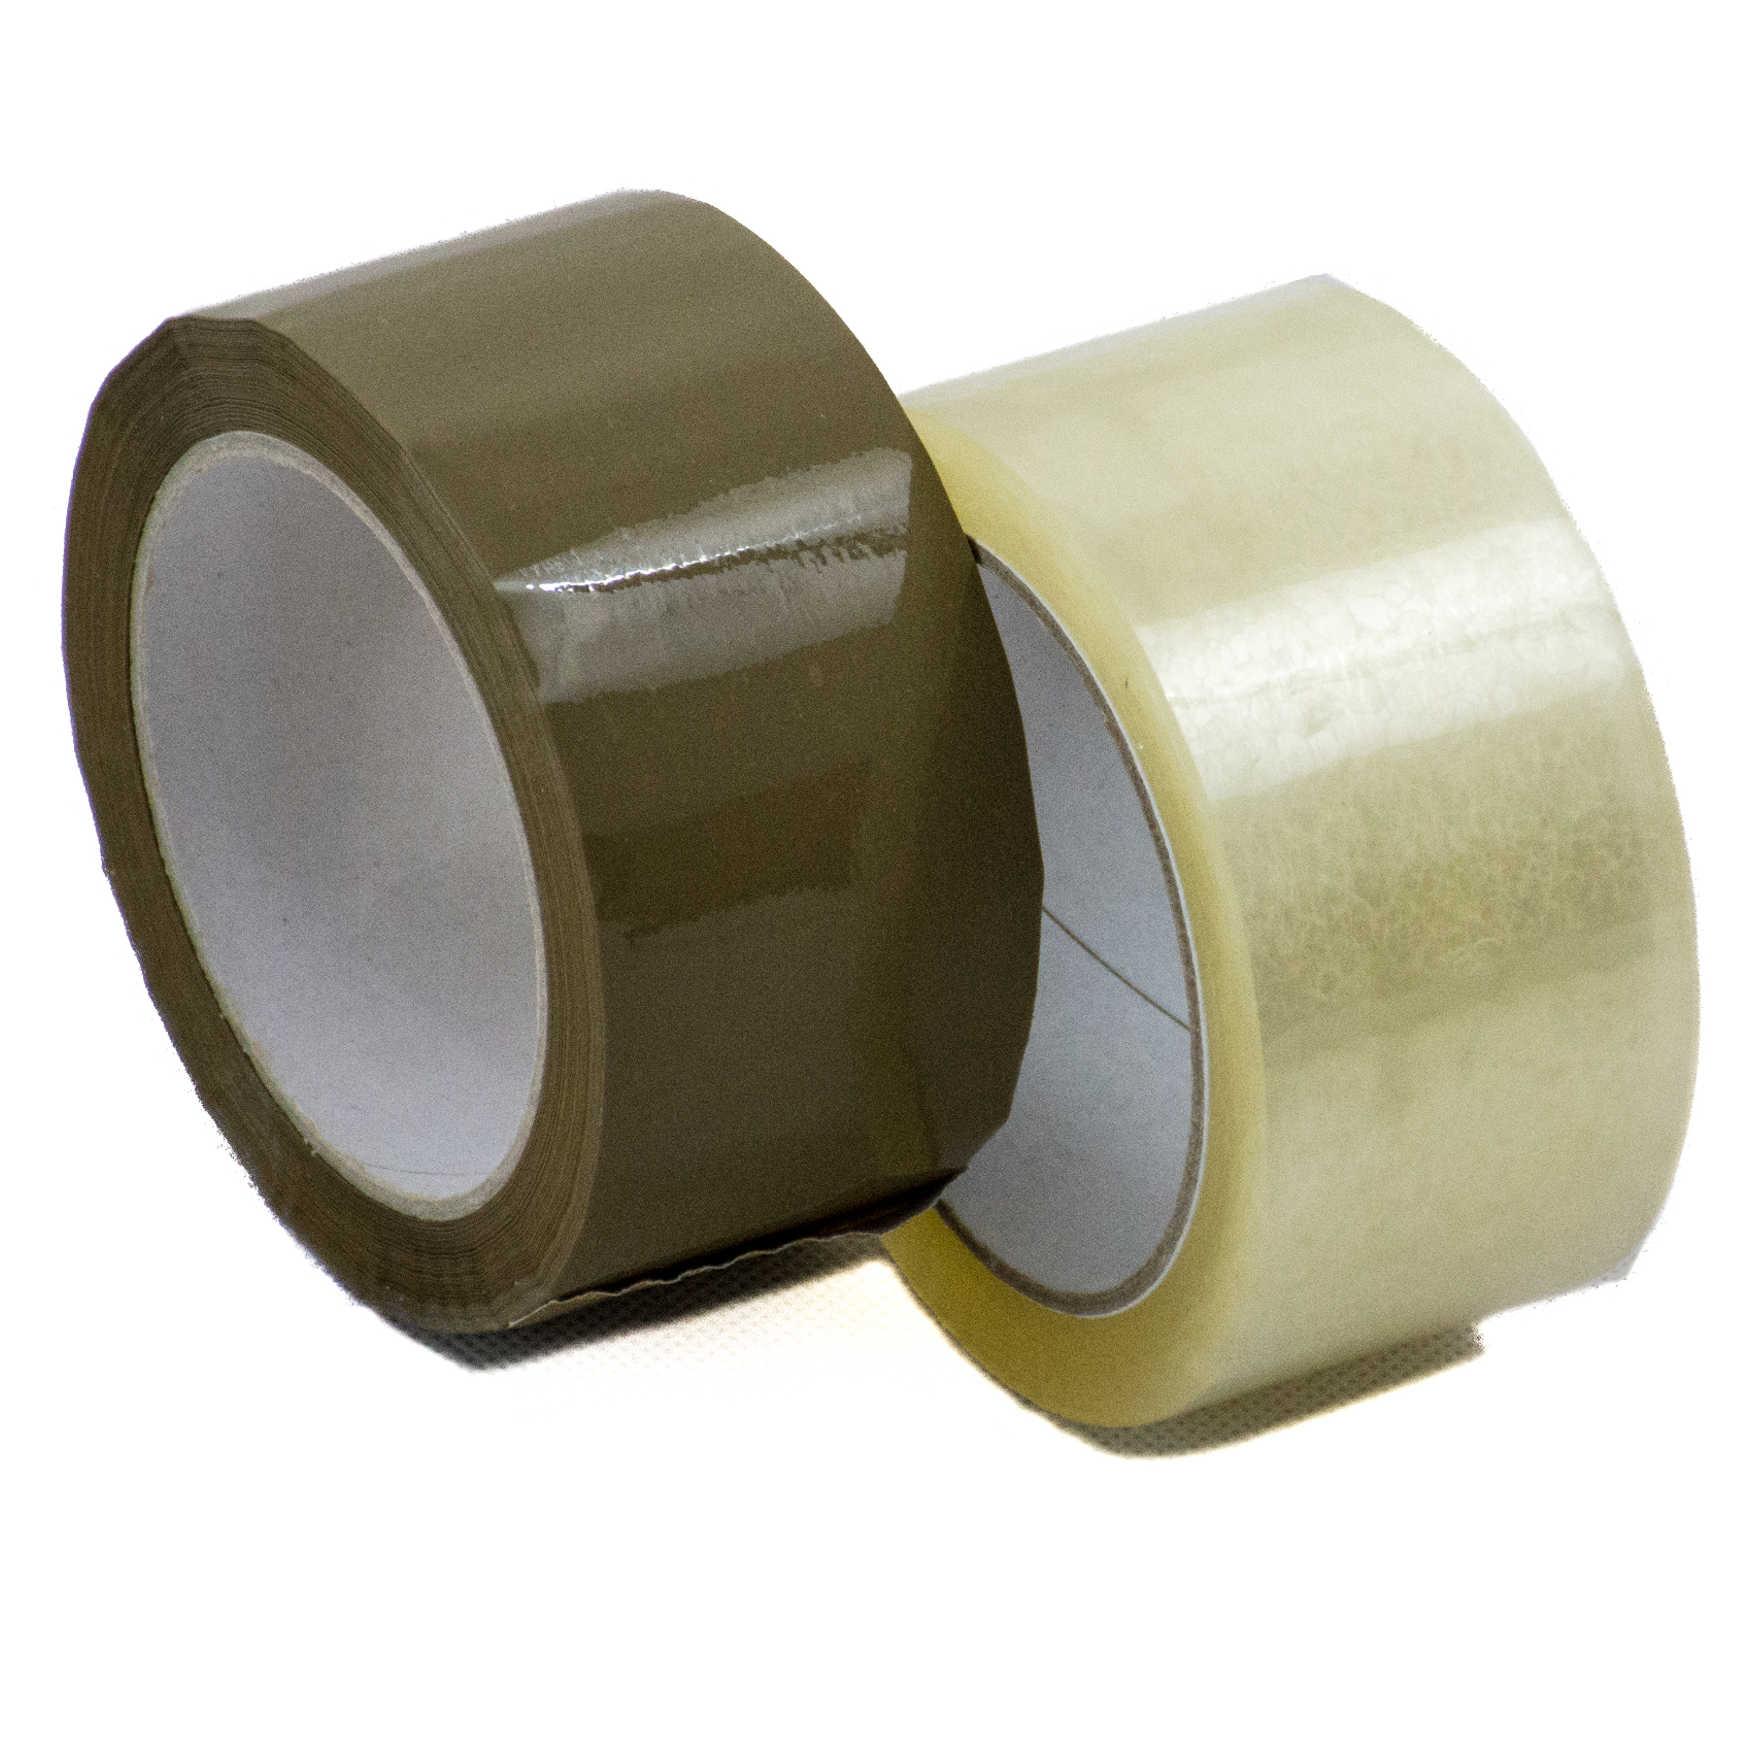 PP Packband mit Acrylatkleber in transparent und braun